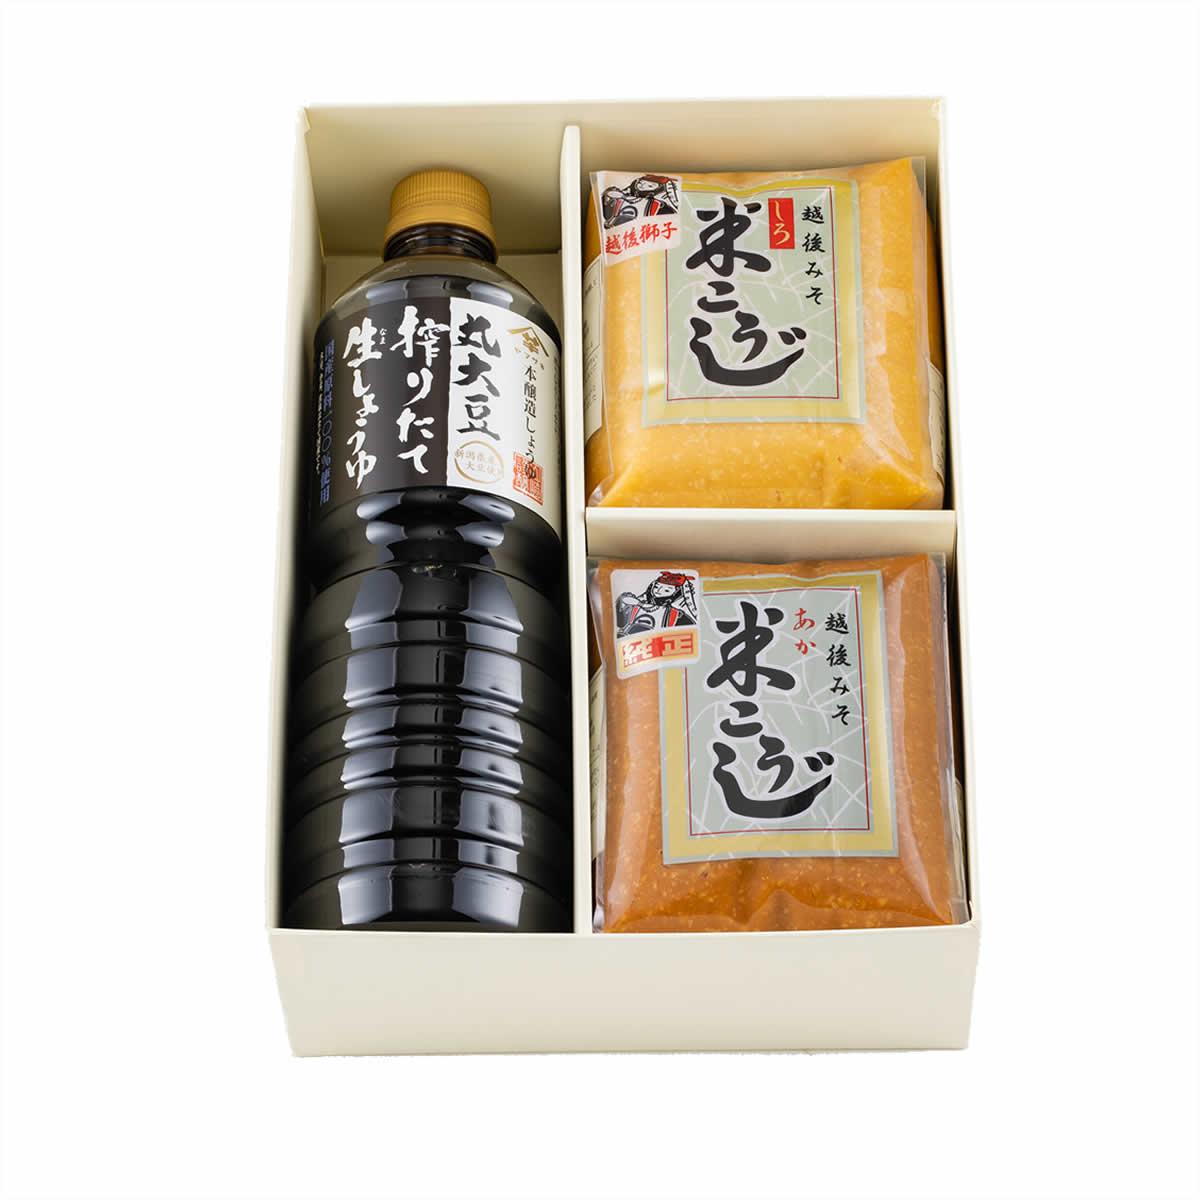 山崎醸造 CN-25 味の詰め合わせ 1L×1・1kg×2 【送料無料】 | こめや丸七